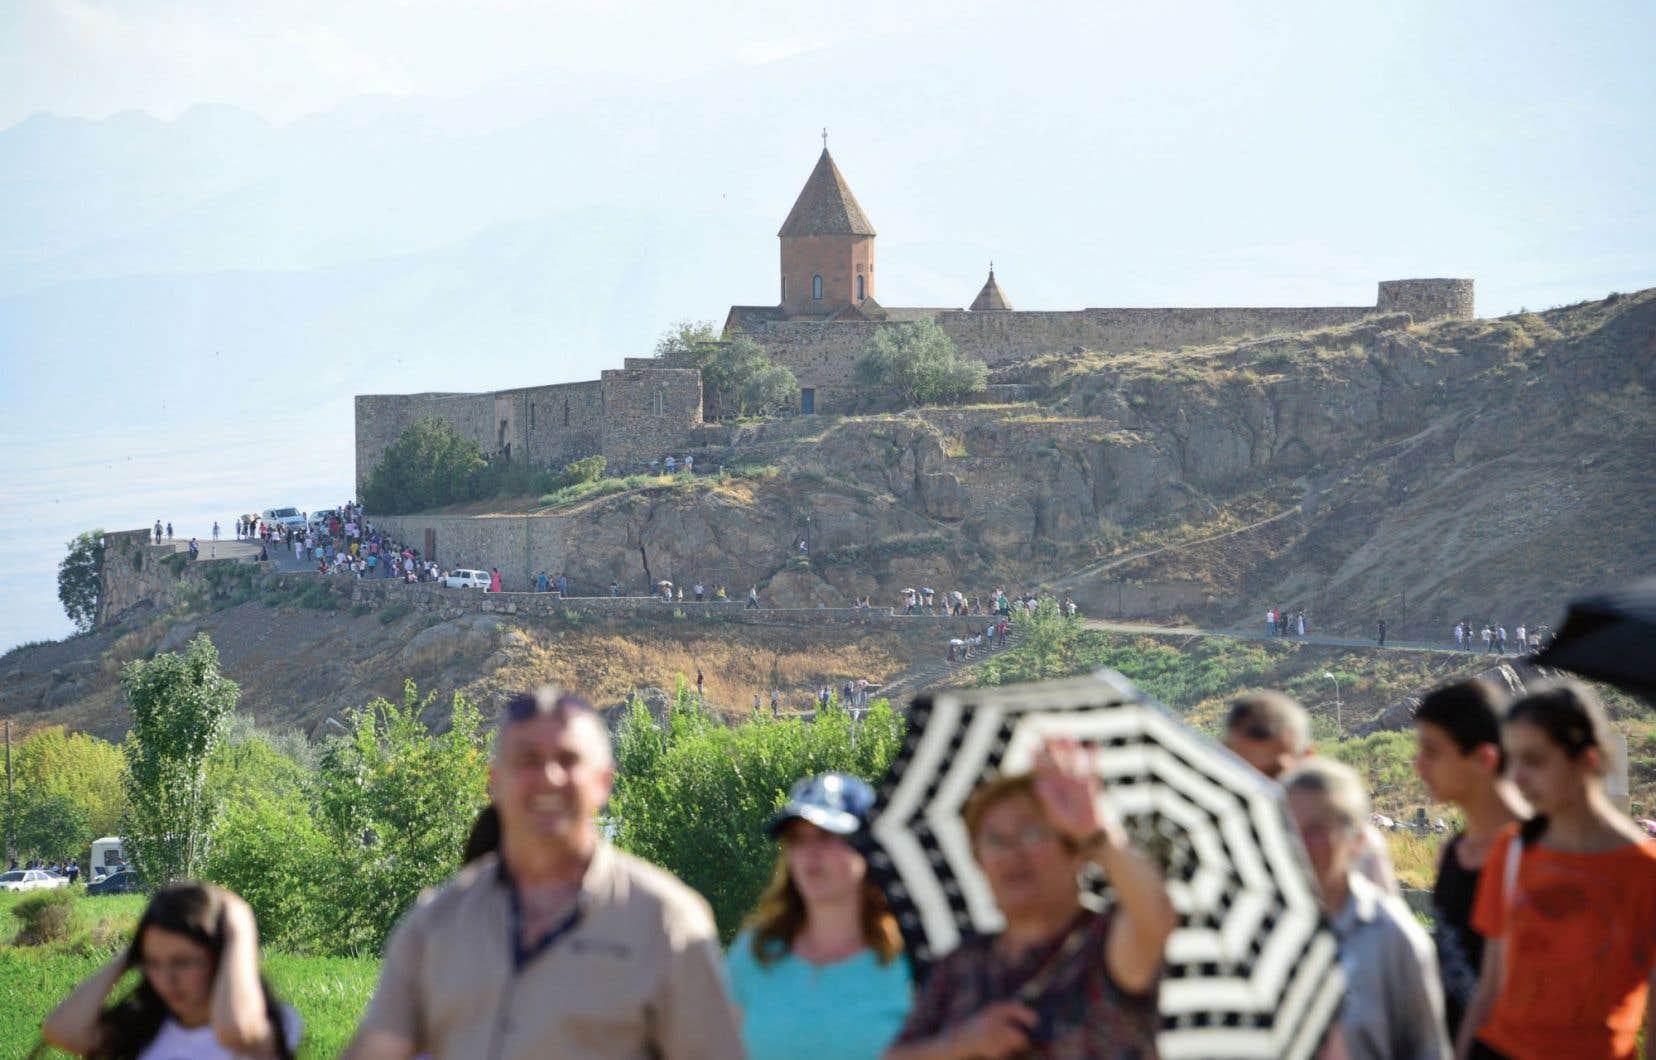 Au sud-est d'Erevan, le monastère de Khor Virap, qui se dessine sur fond de montagne, offre un panorama époustouflant sur le mont Ararat.